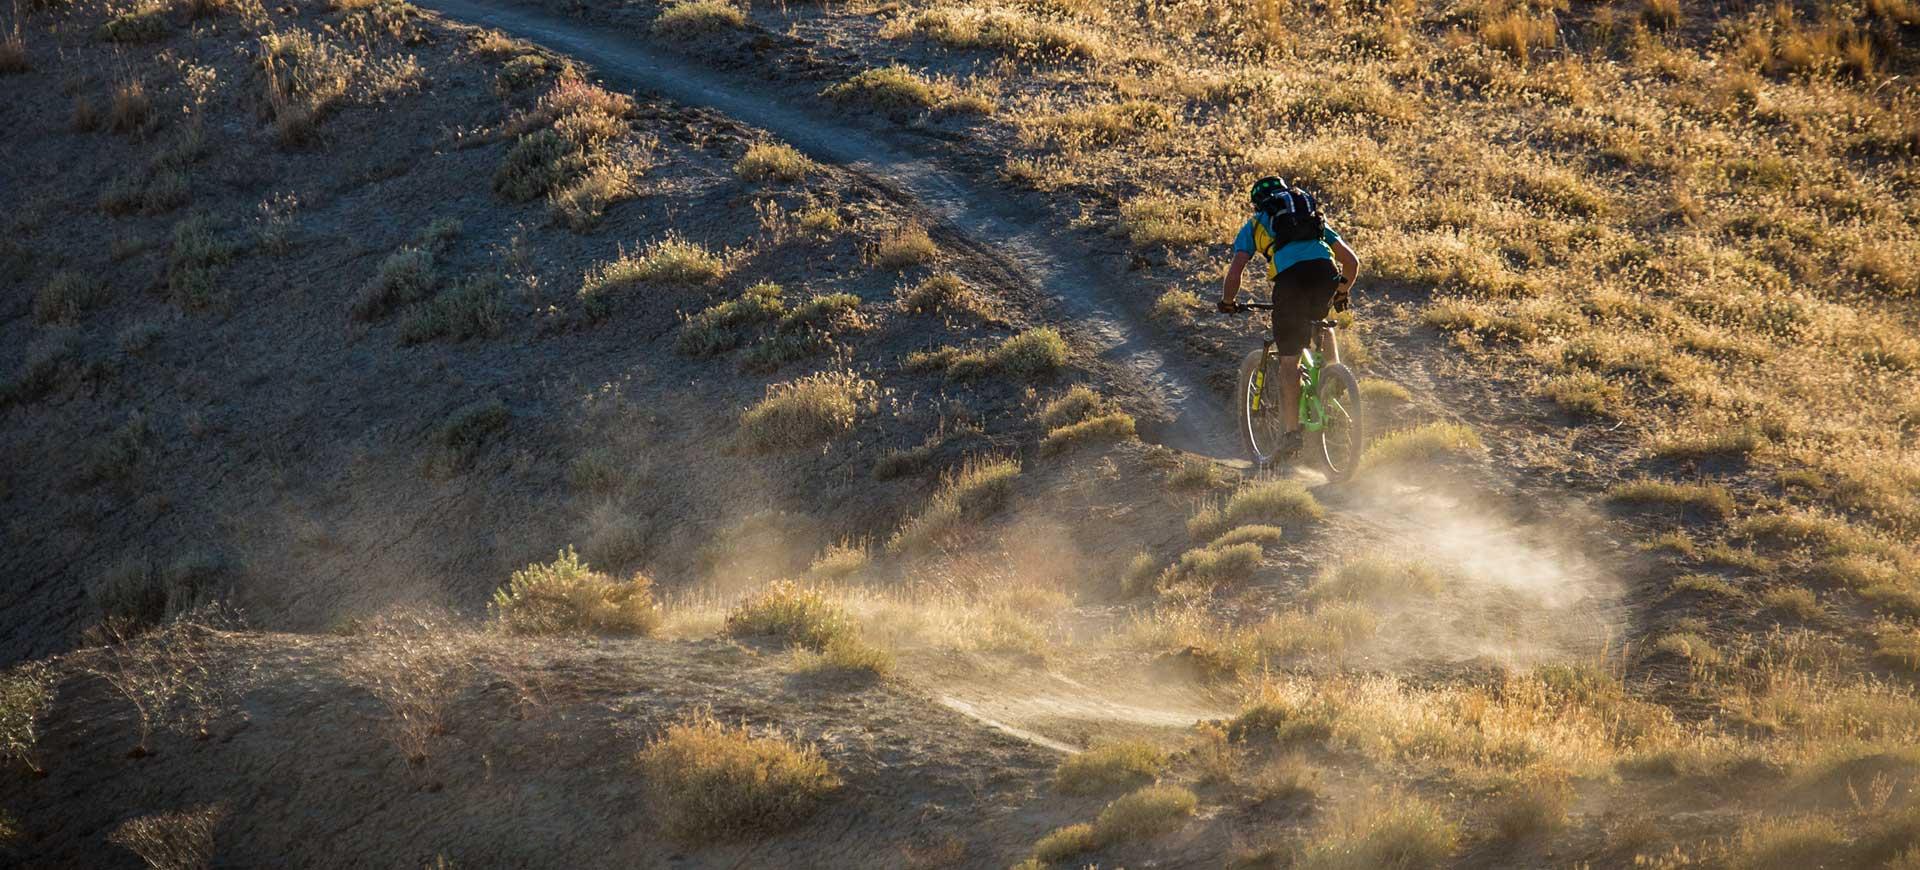 home_biker_slider_bg2.jpg